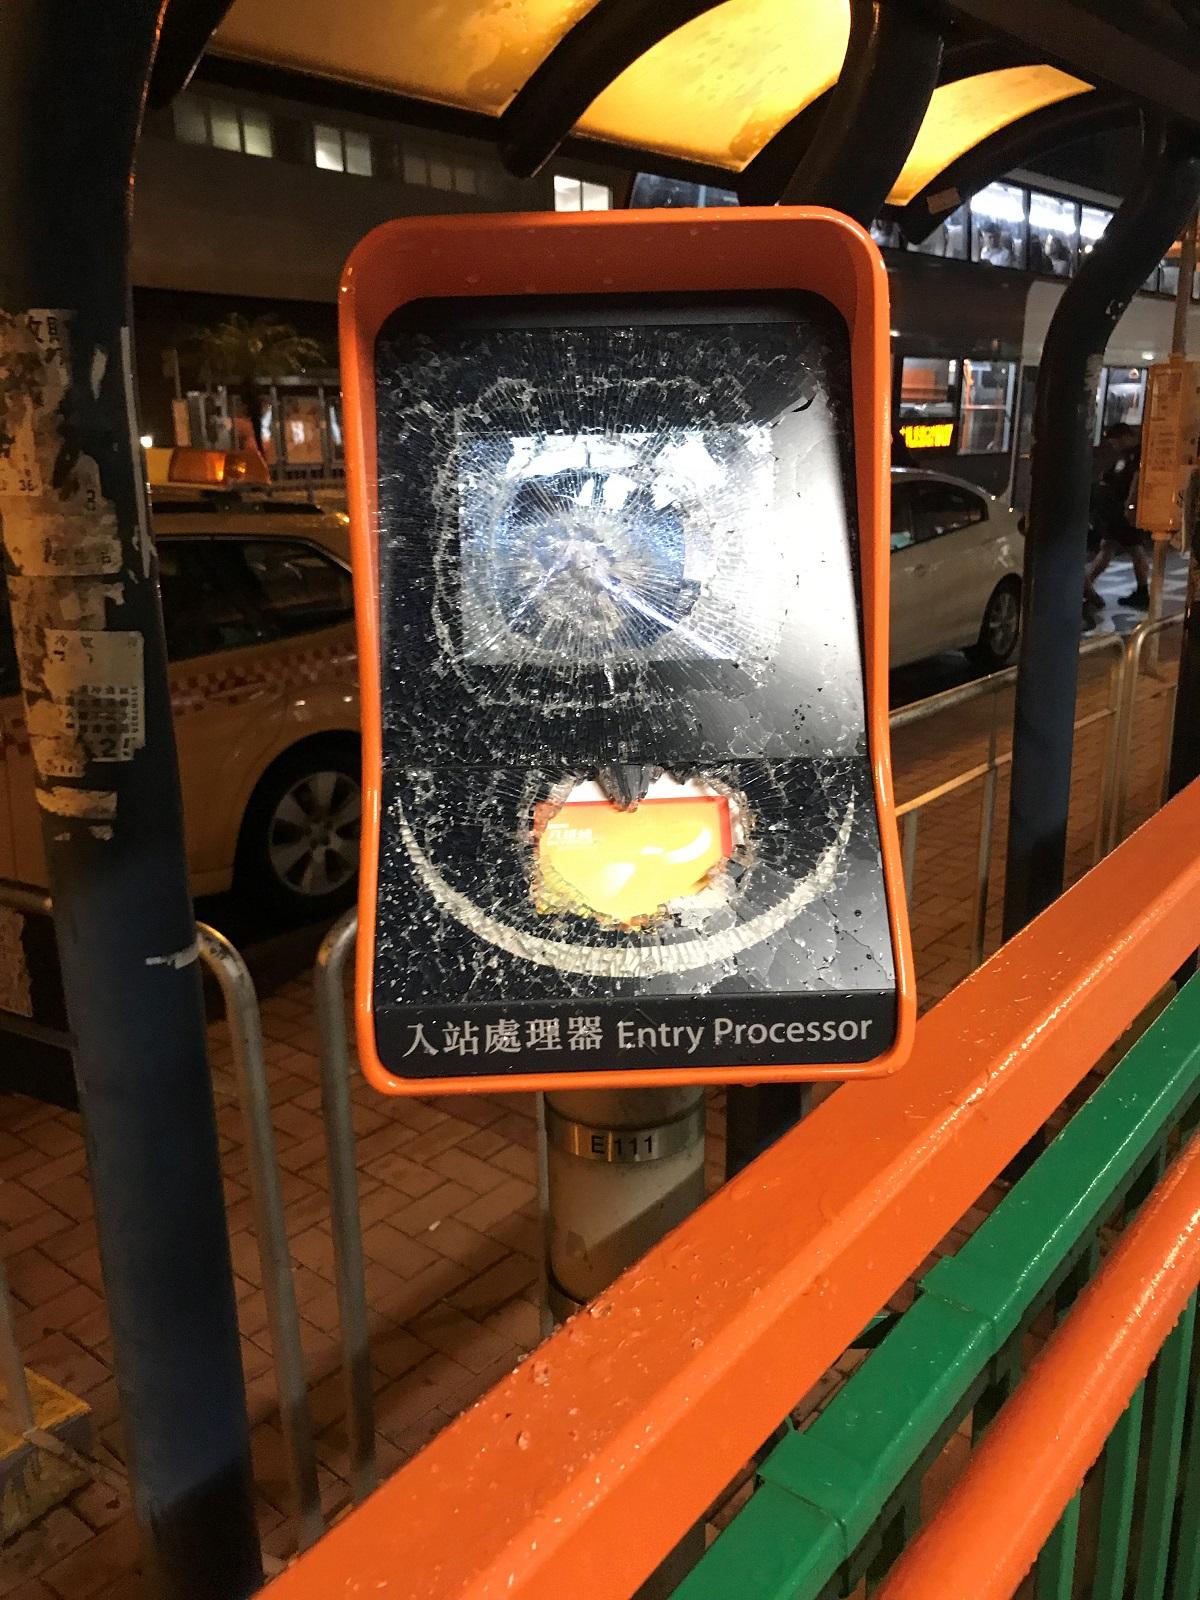 車站設施遭破壞。